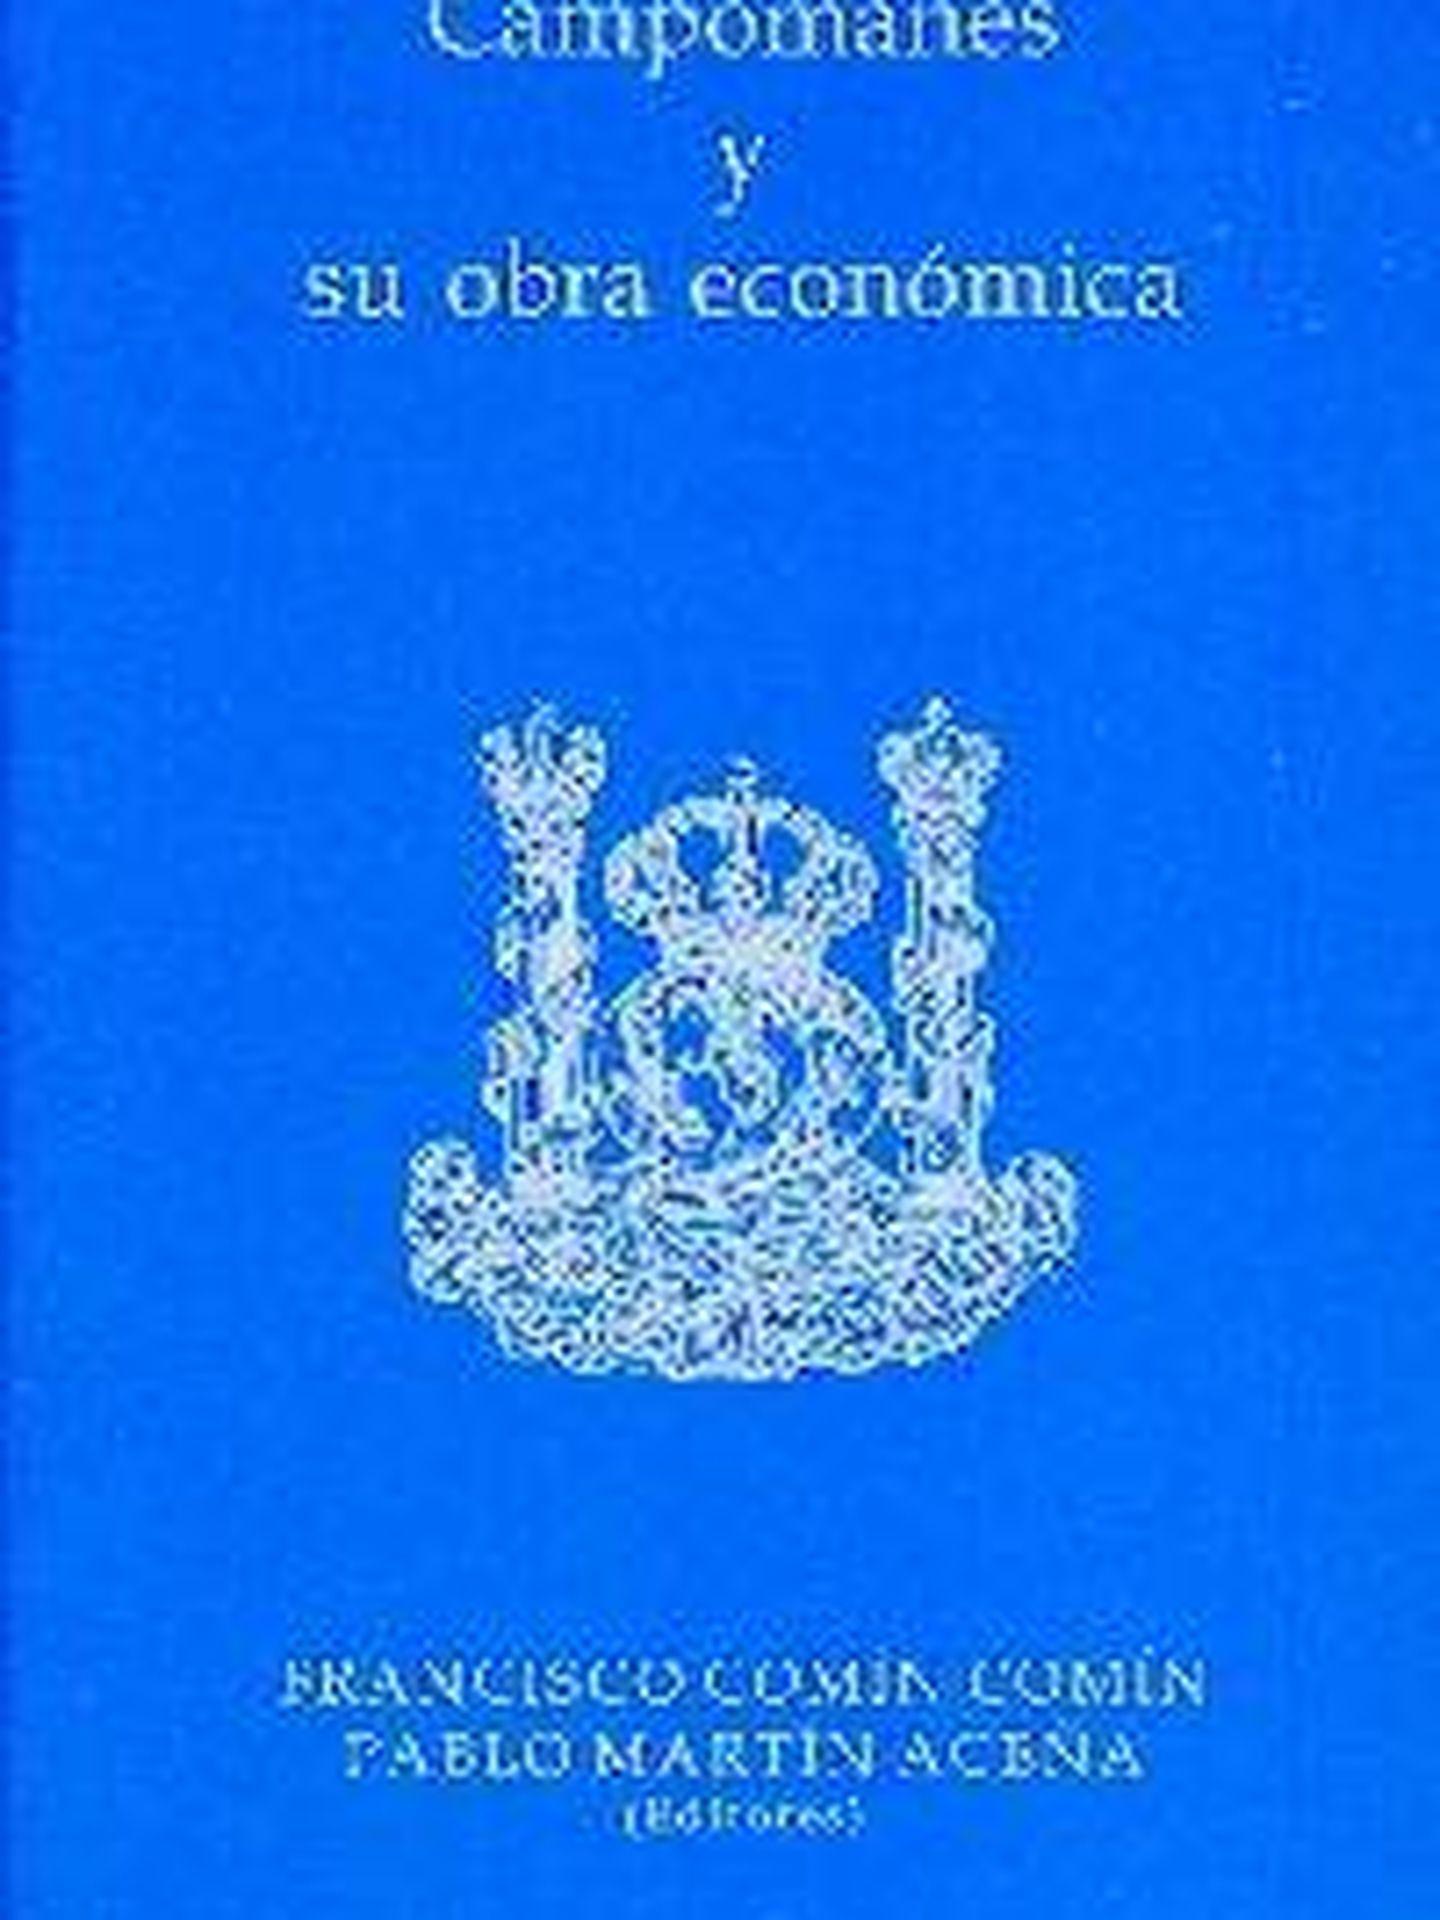 Portada de 'Campomanes y su obra económica'.